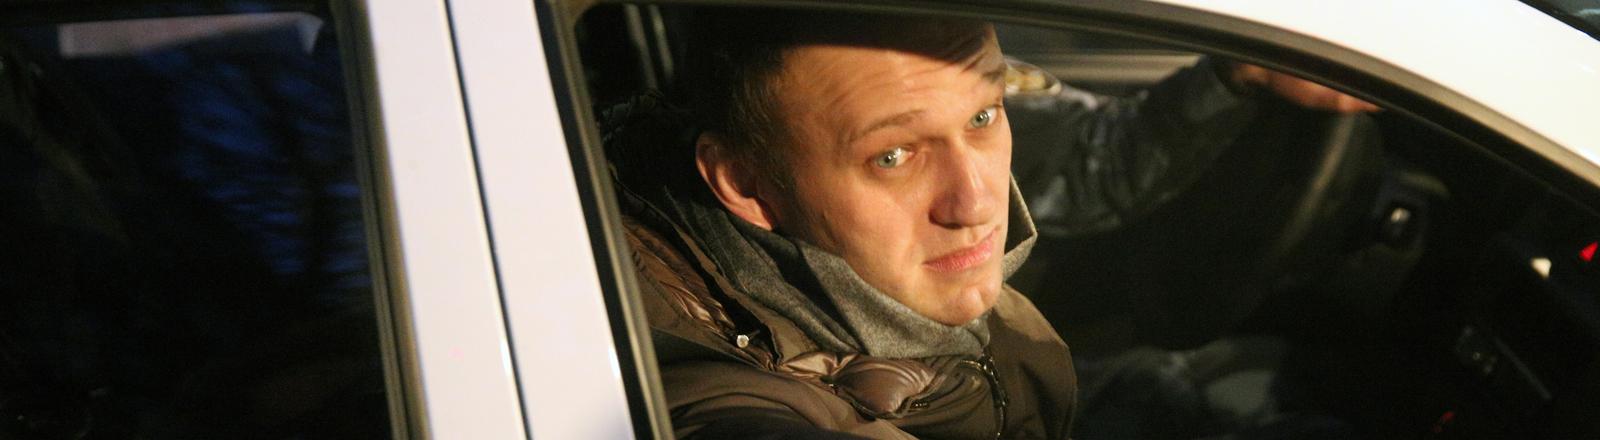 Alexej Navalny in einem russischen Polizeiwagen